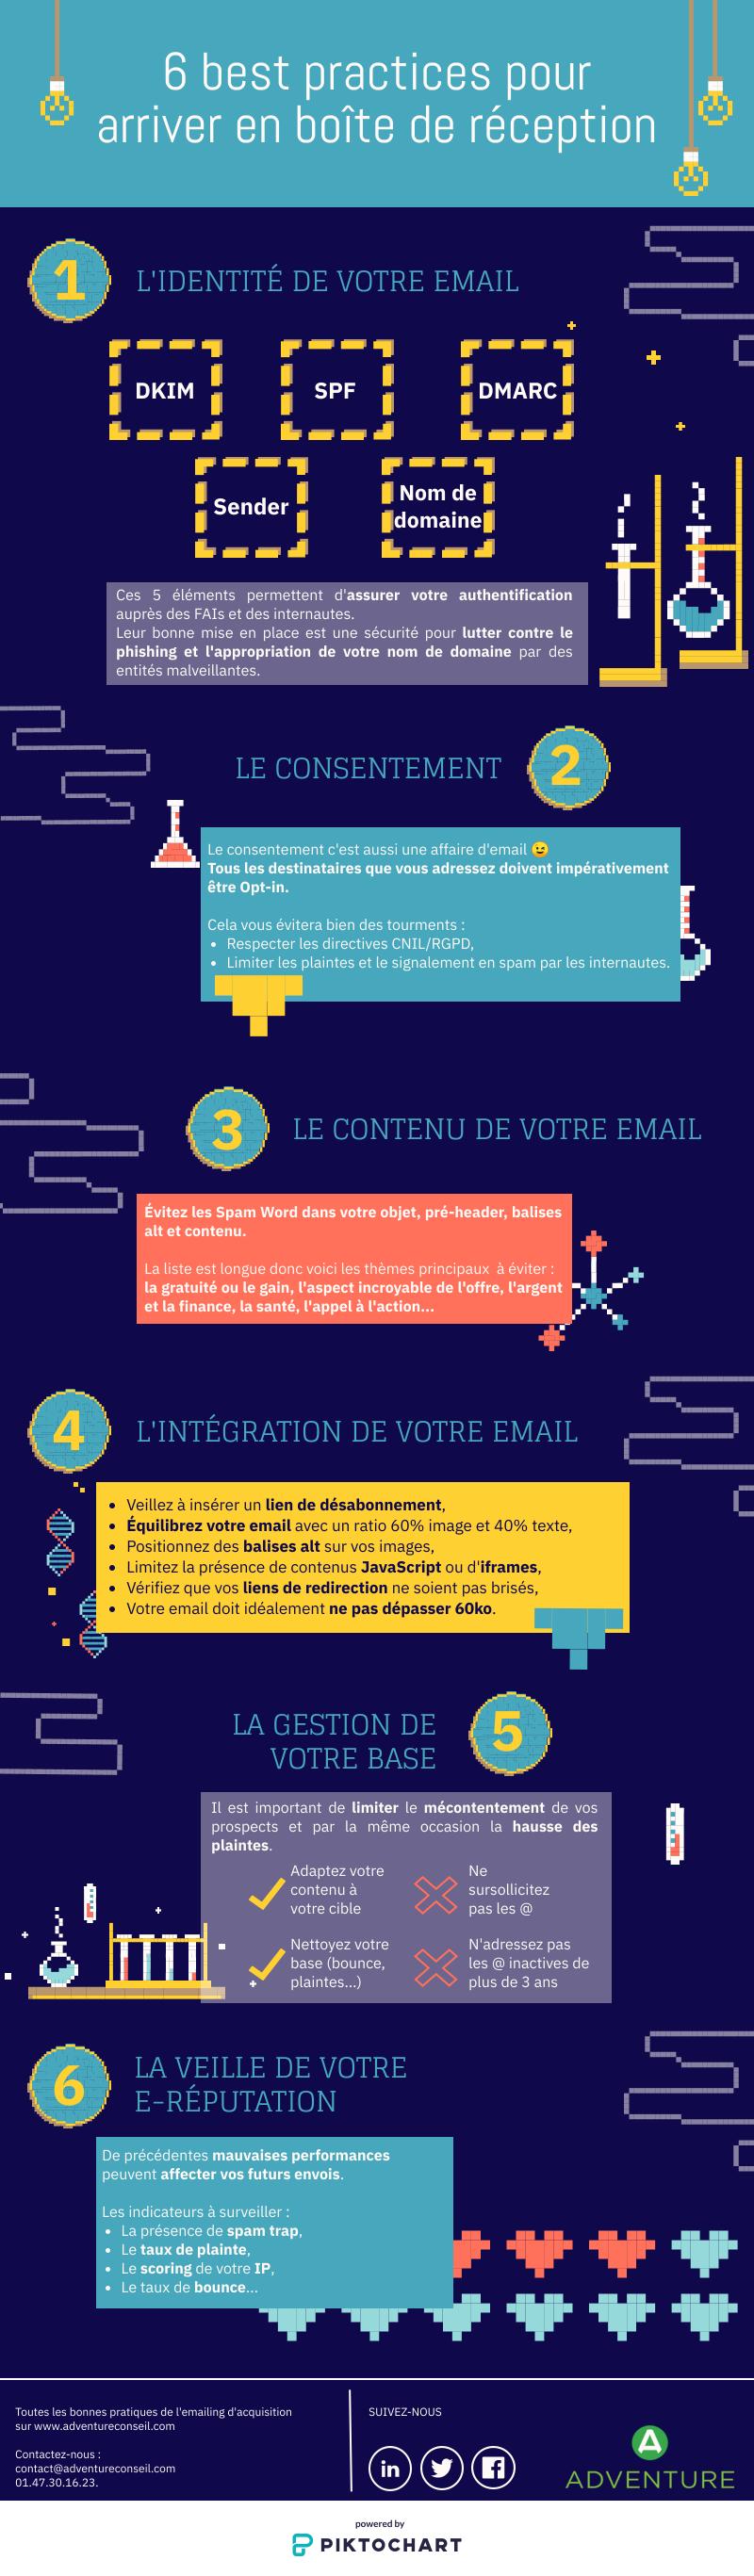 Infographie-arriver-en-inbox